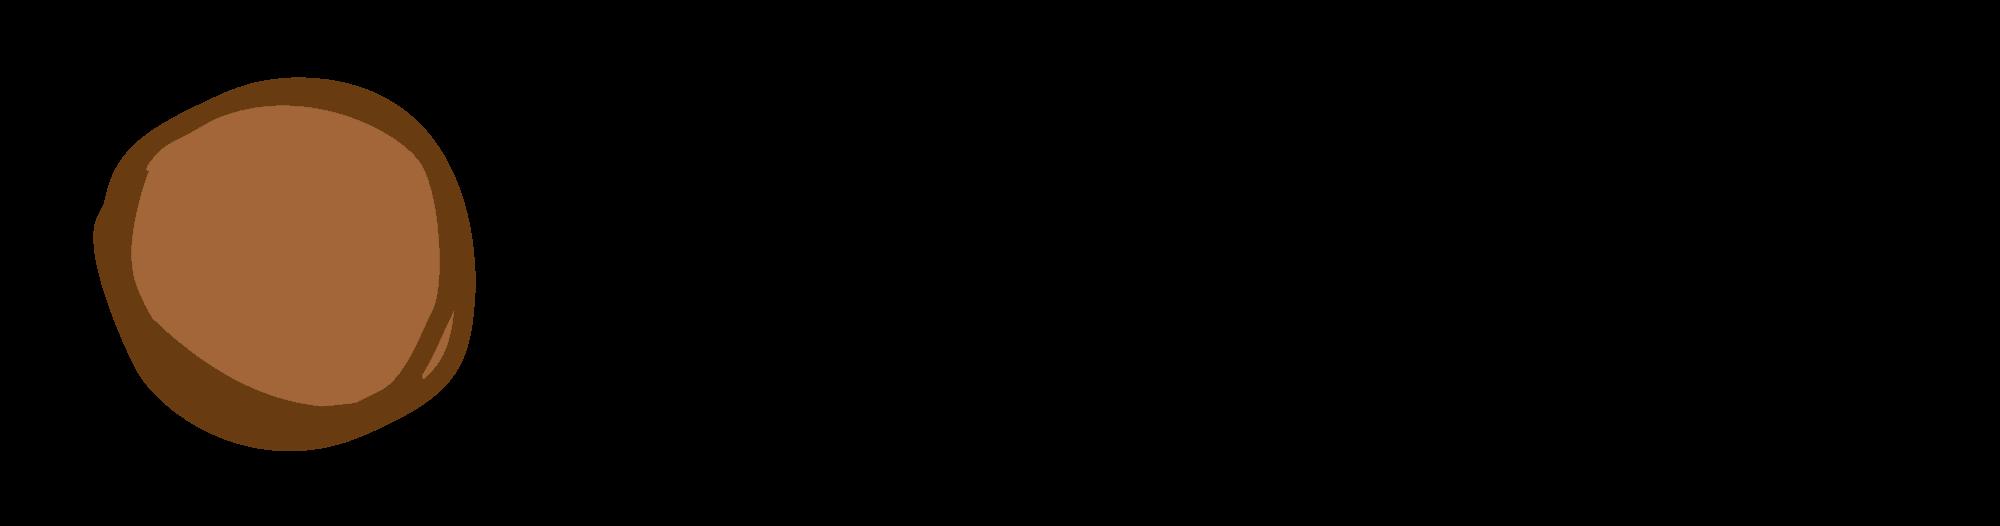 Baitology